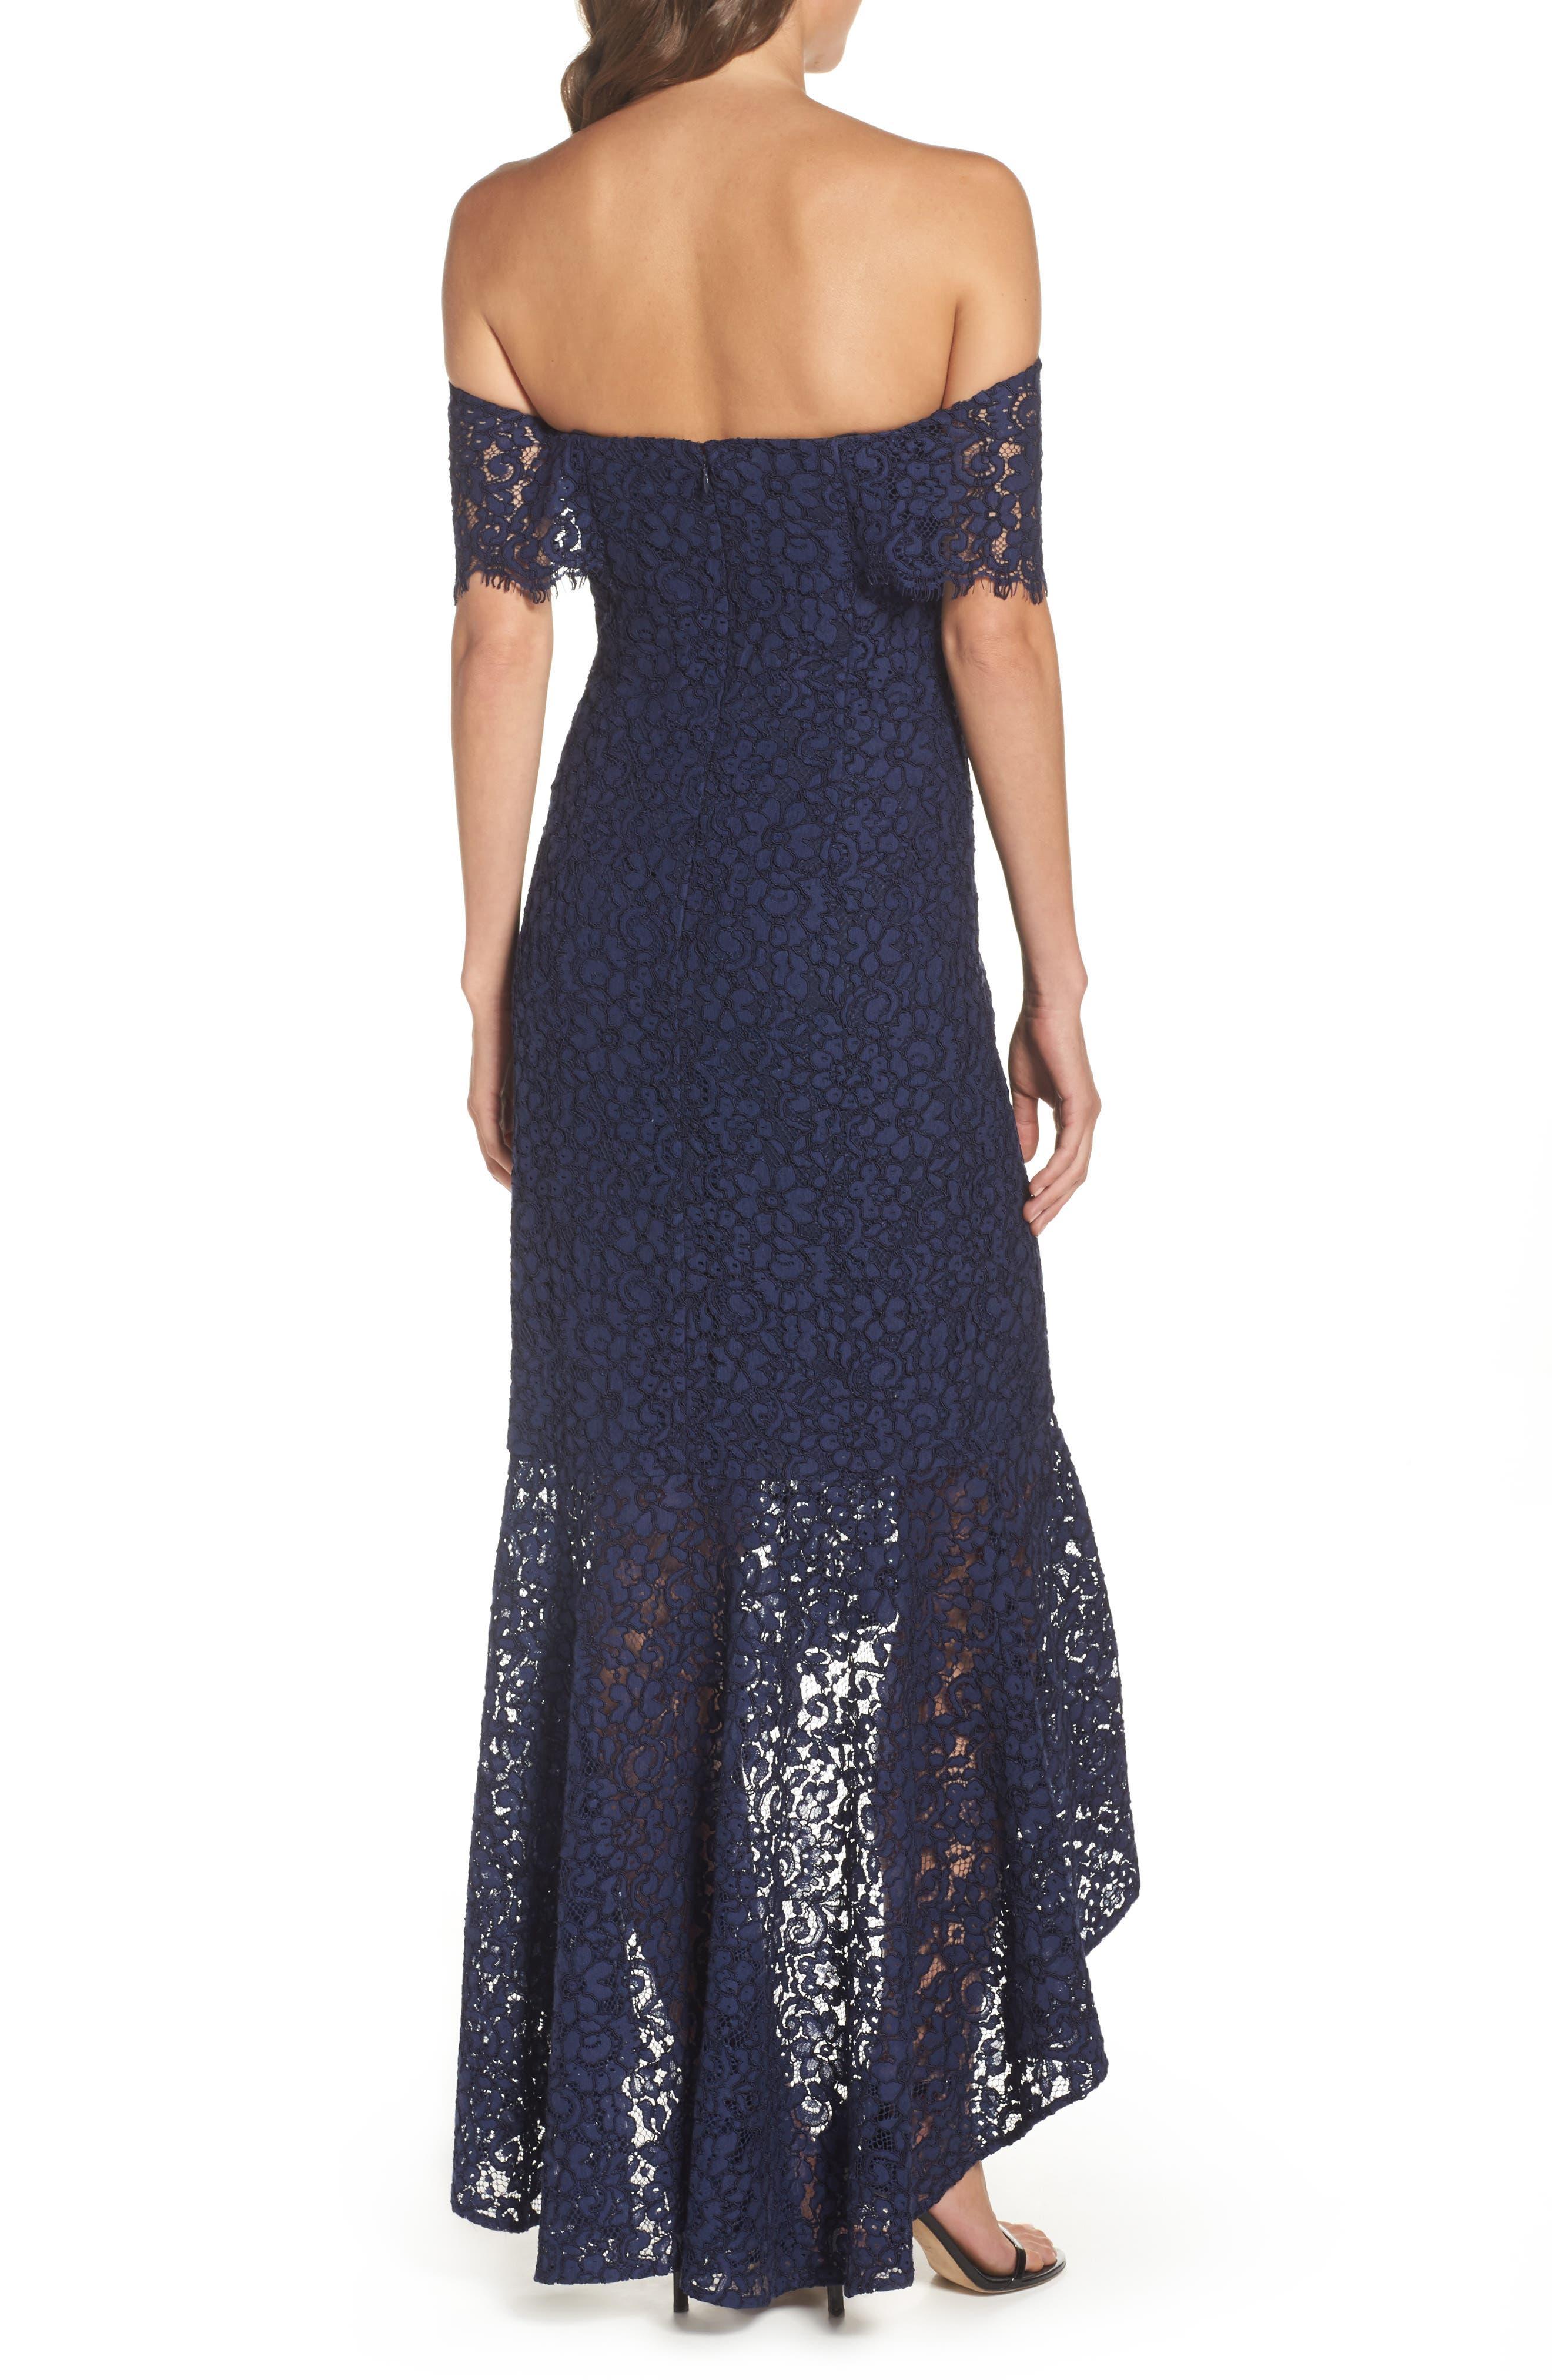 Vanowen Lace Off the Shoulder Gown,                             Alternate thumbnail 2, color,                             414